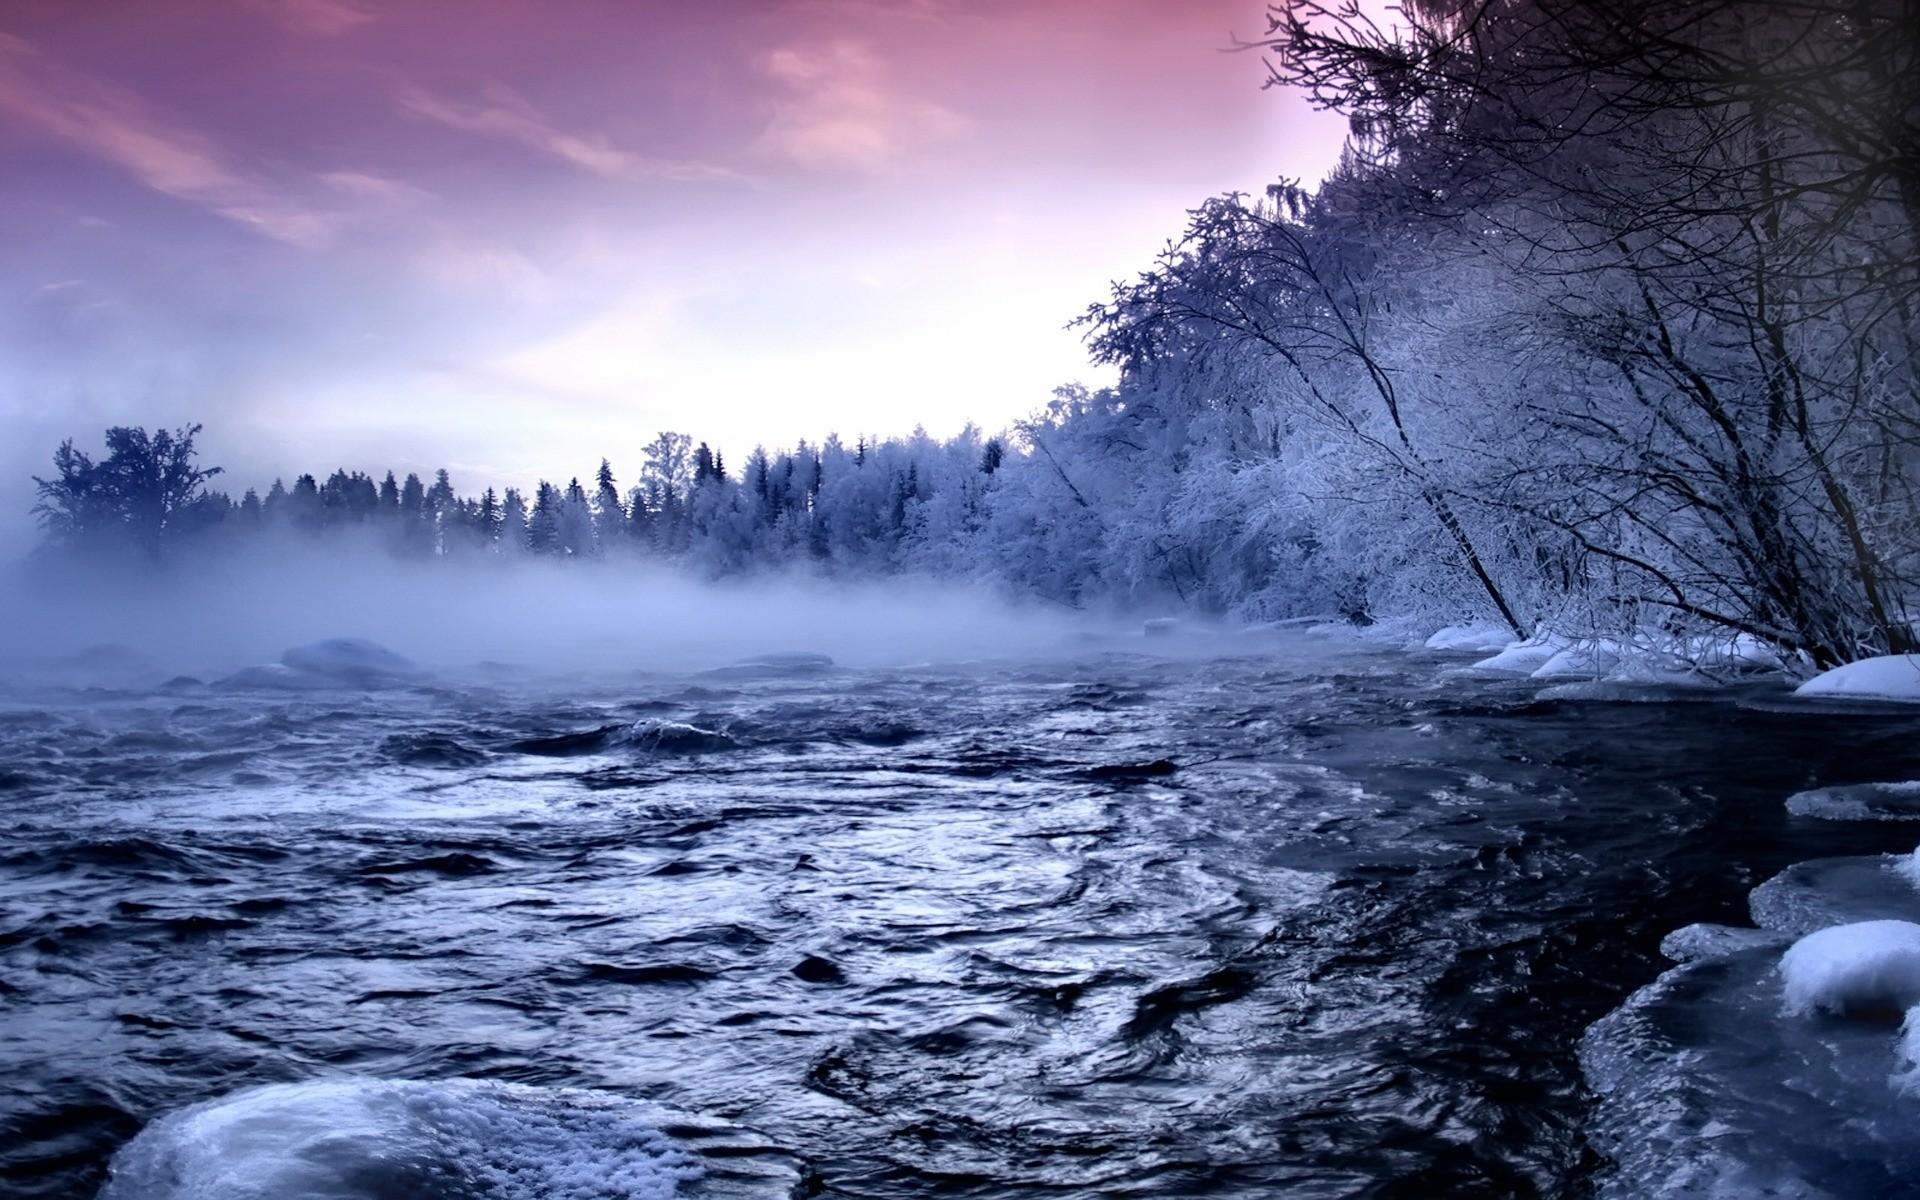 Desktop Wallpaper Winter Scenes 183 ① Wallpapertag